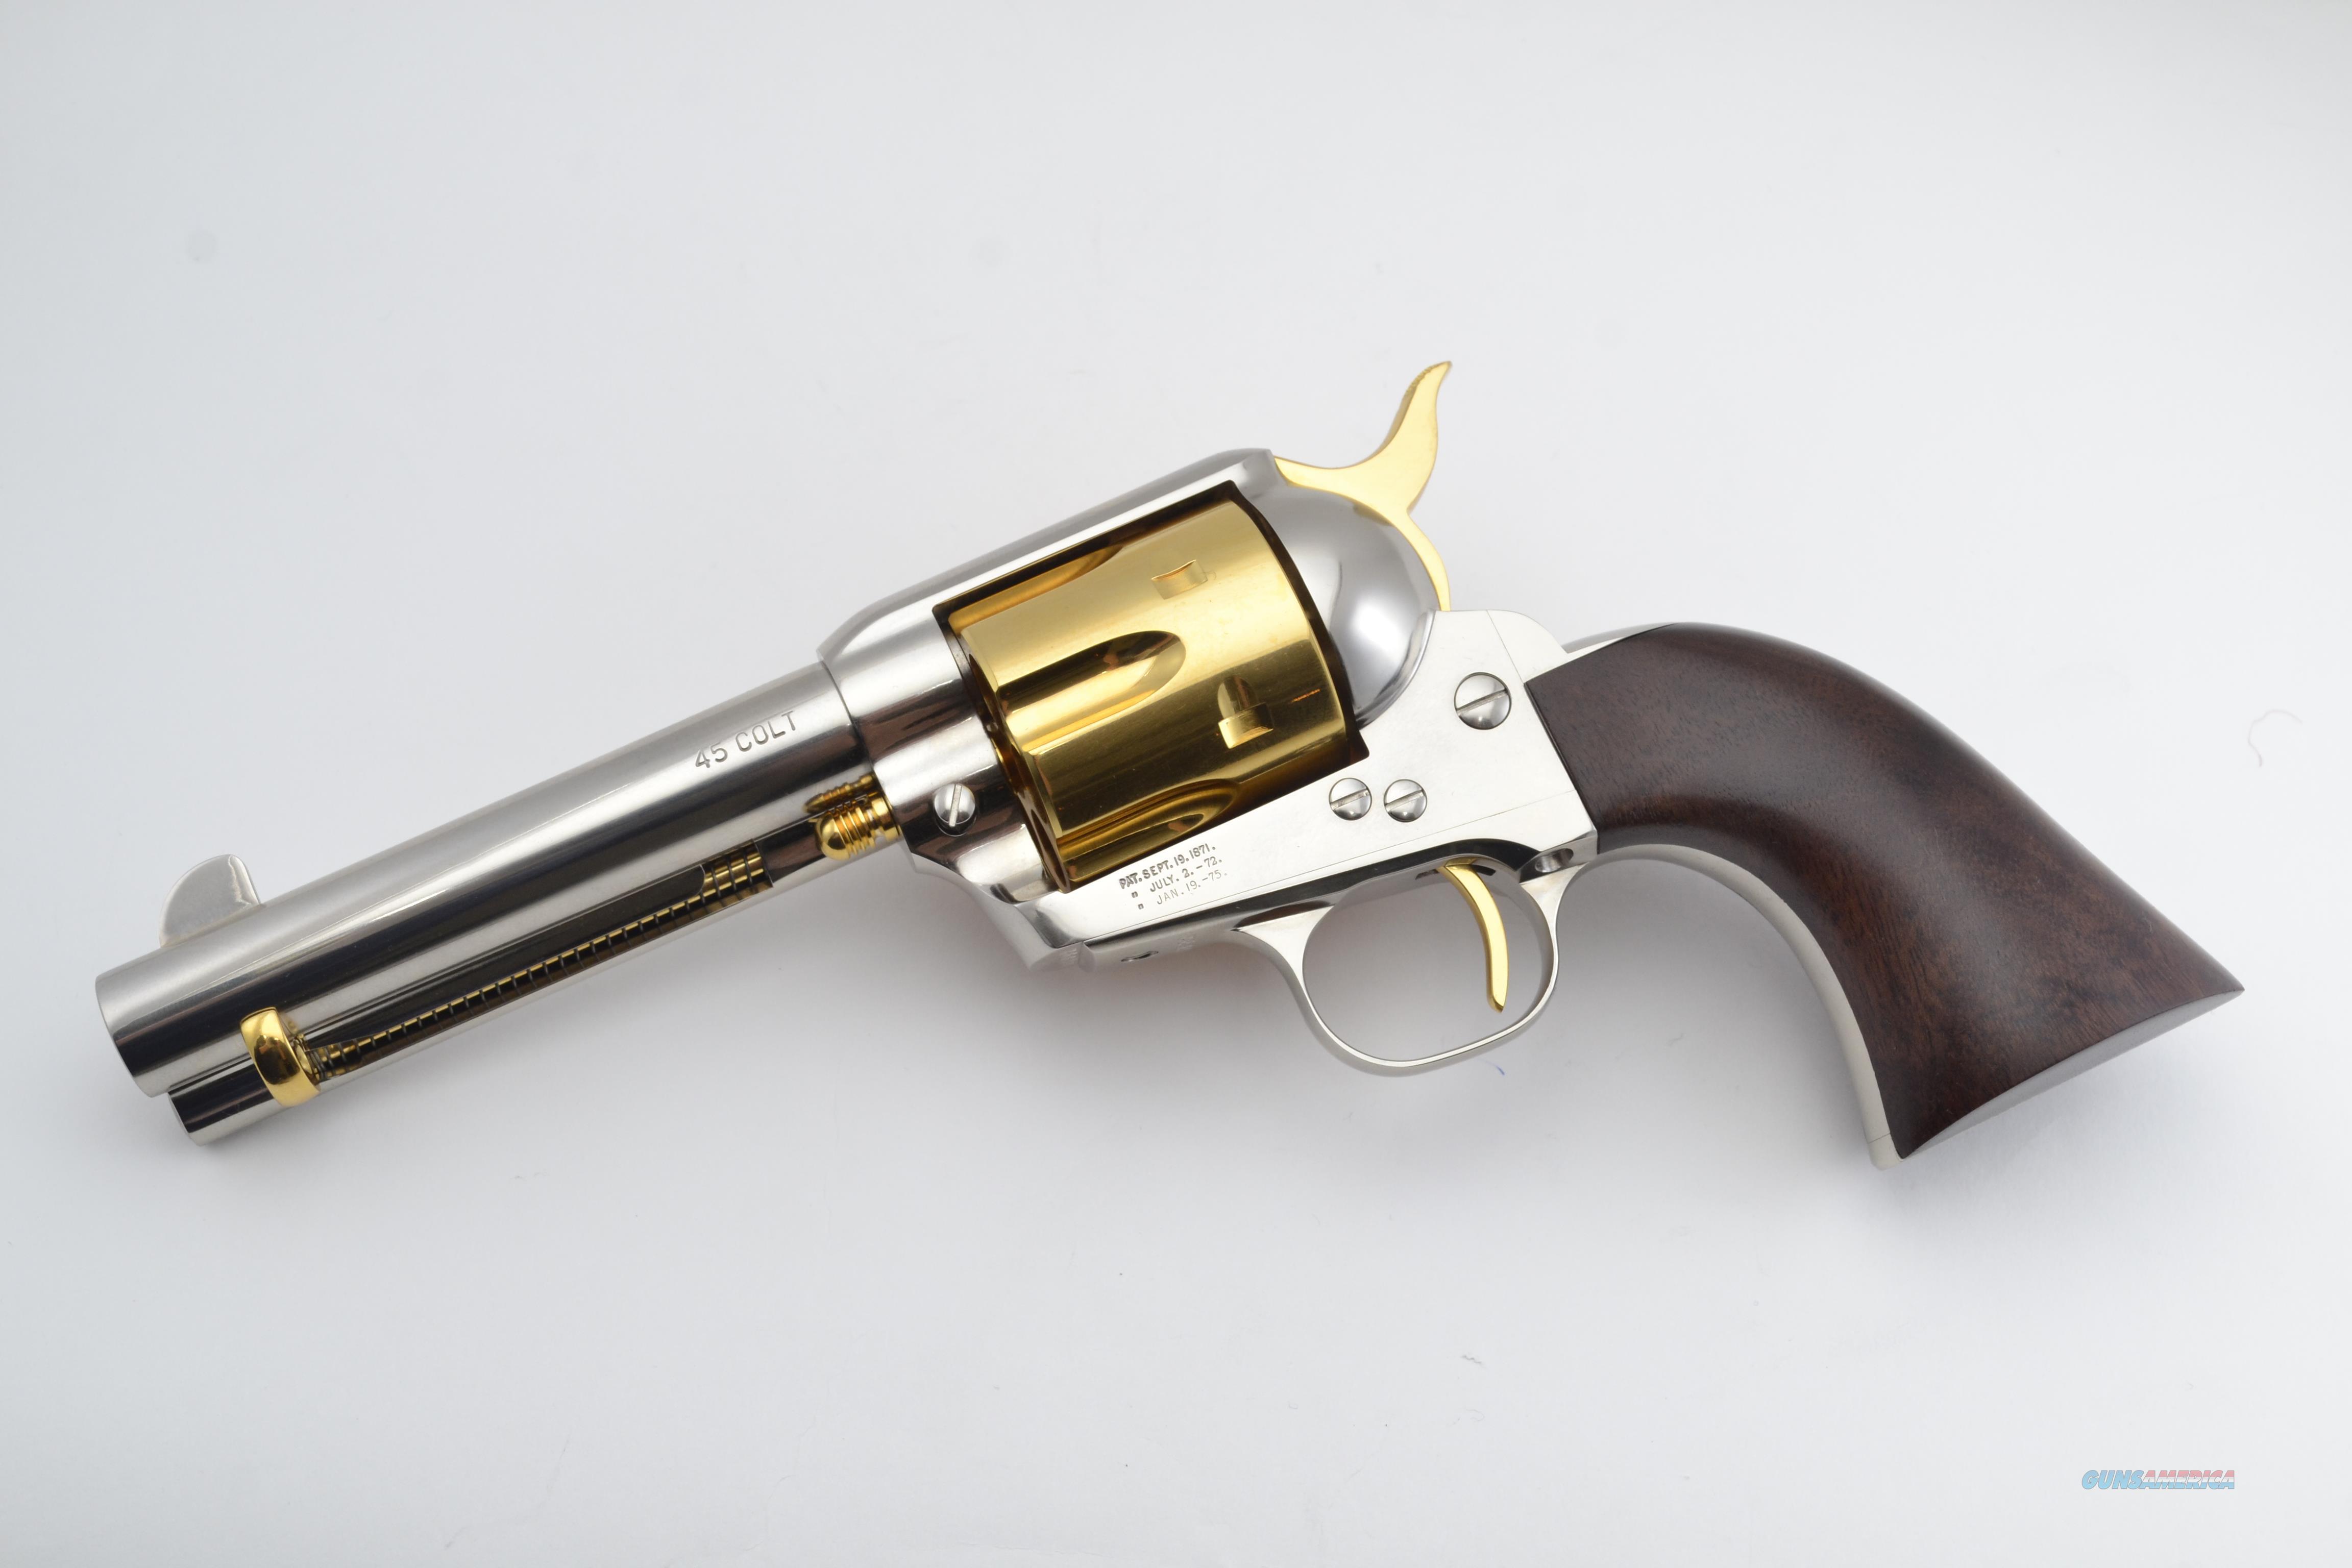 """Standard Mfg - Single Action Revolver, Nickel/Gold Plated, .45 LC. 4 3/4"""" Barrel. (LIMITED EDITION)  Guns > Pistols > Standard Mfg. Pistols"""